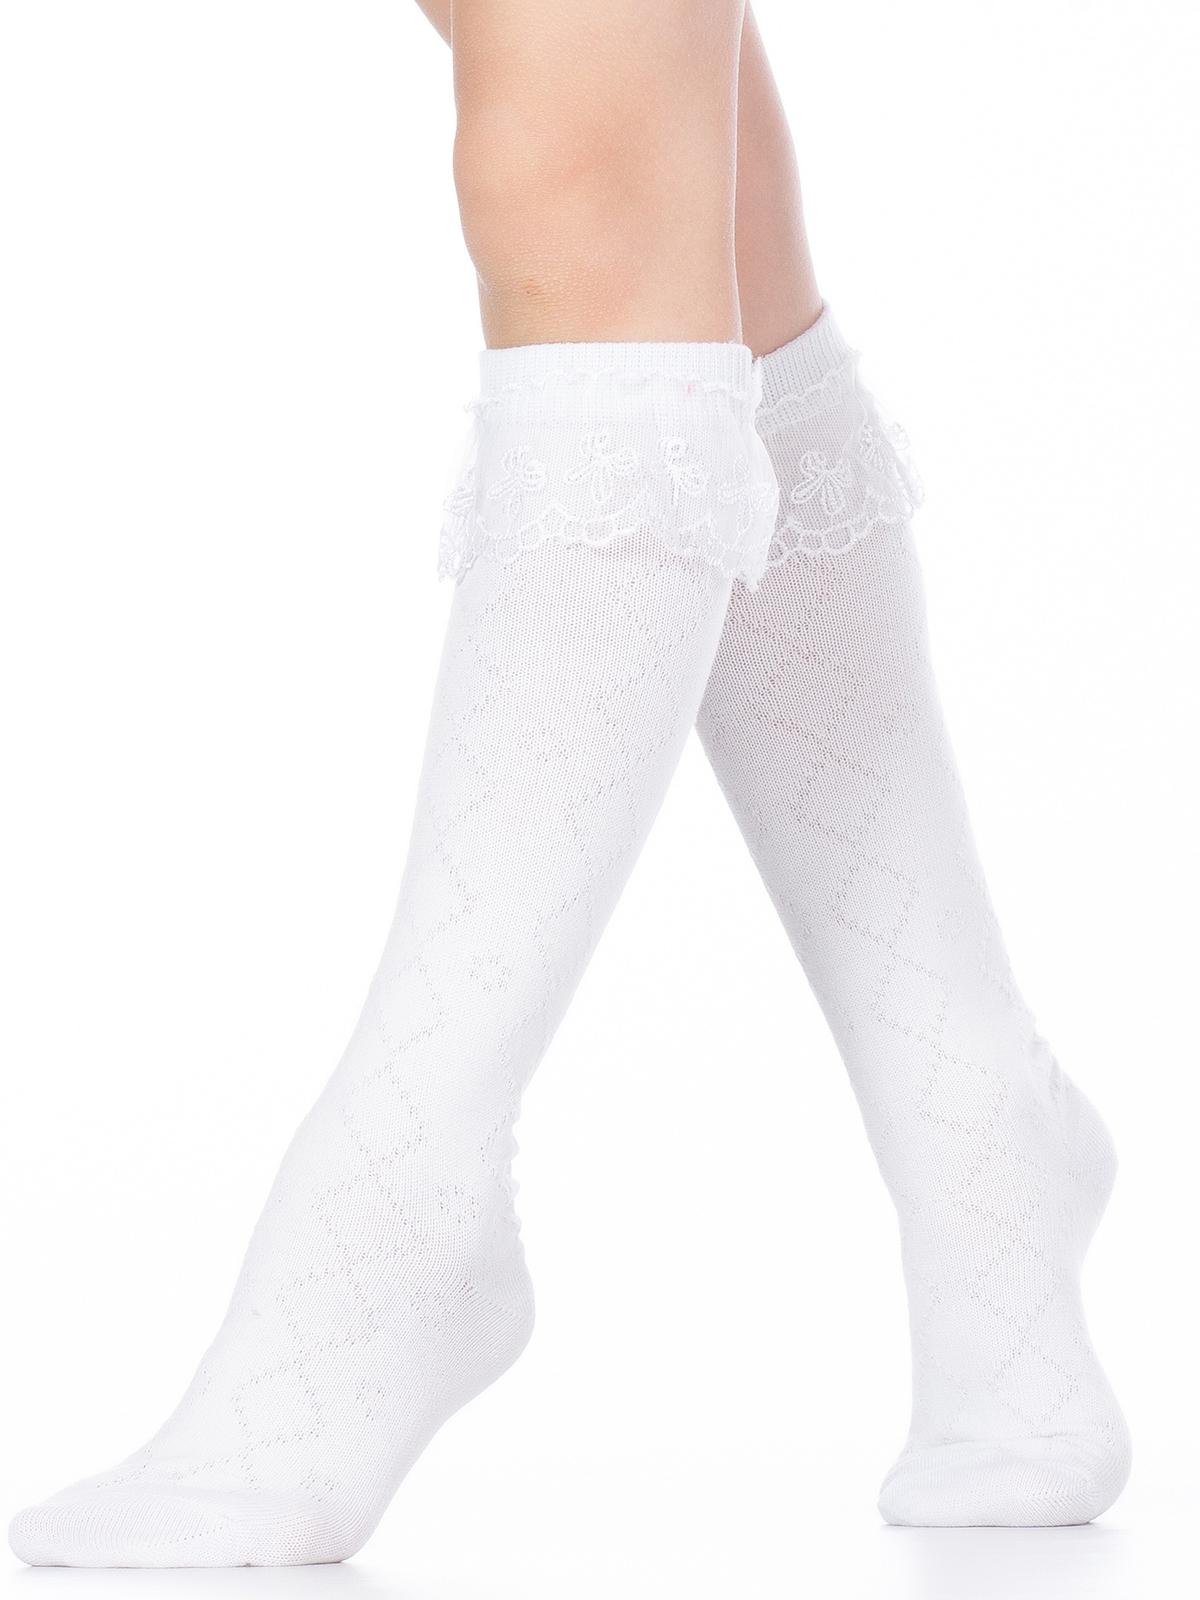 Купить Гольфы детские Hobby Line 833 ажурные, гипюровая рюшка сверху, белый, 16, Гольфы для девочек